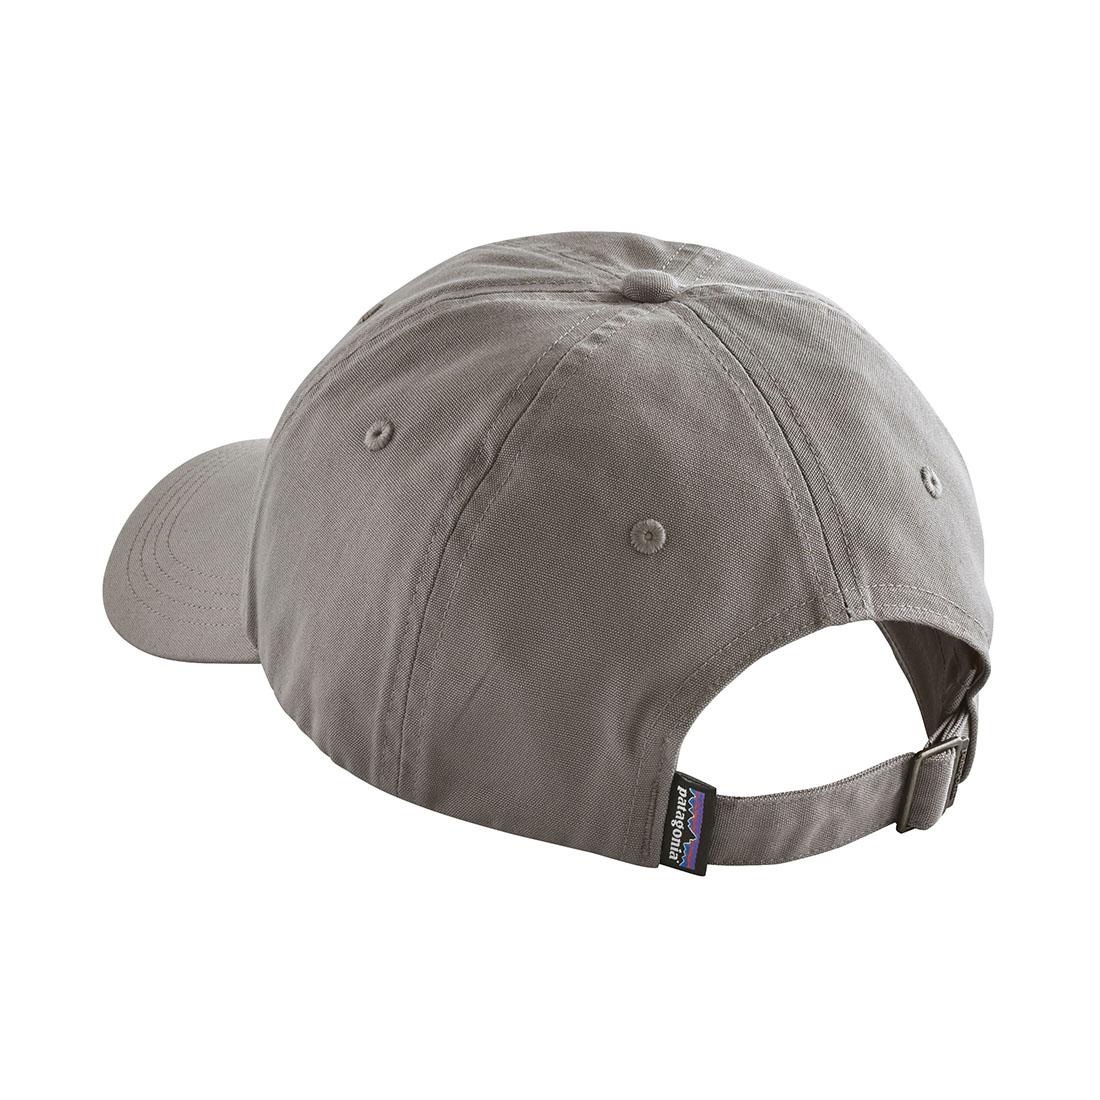 パタゴニア Patagonia P-6 Label Trad Cap (55-58cm)P-6 ラベル・トラッド・キャップ  帽子 メール便不可